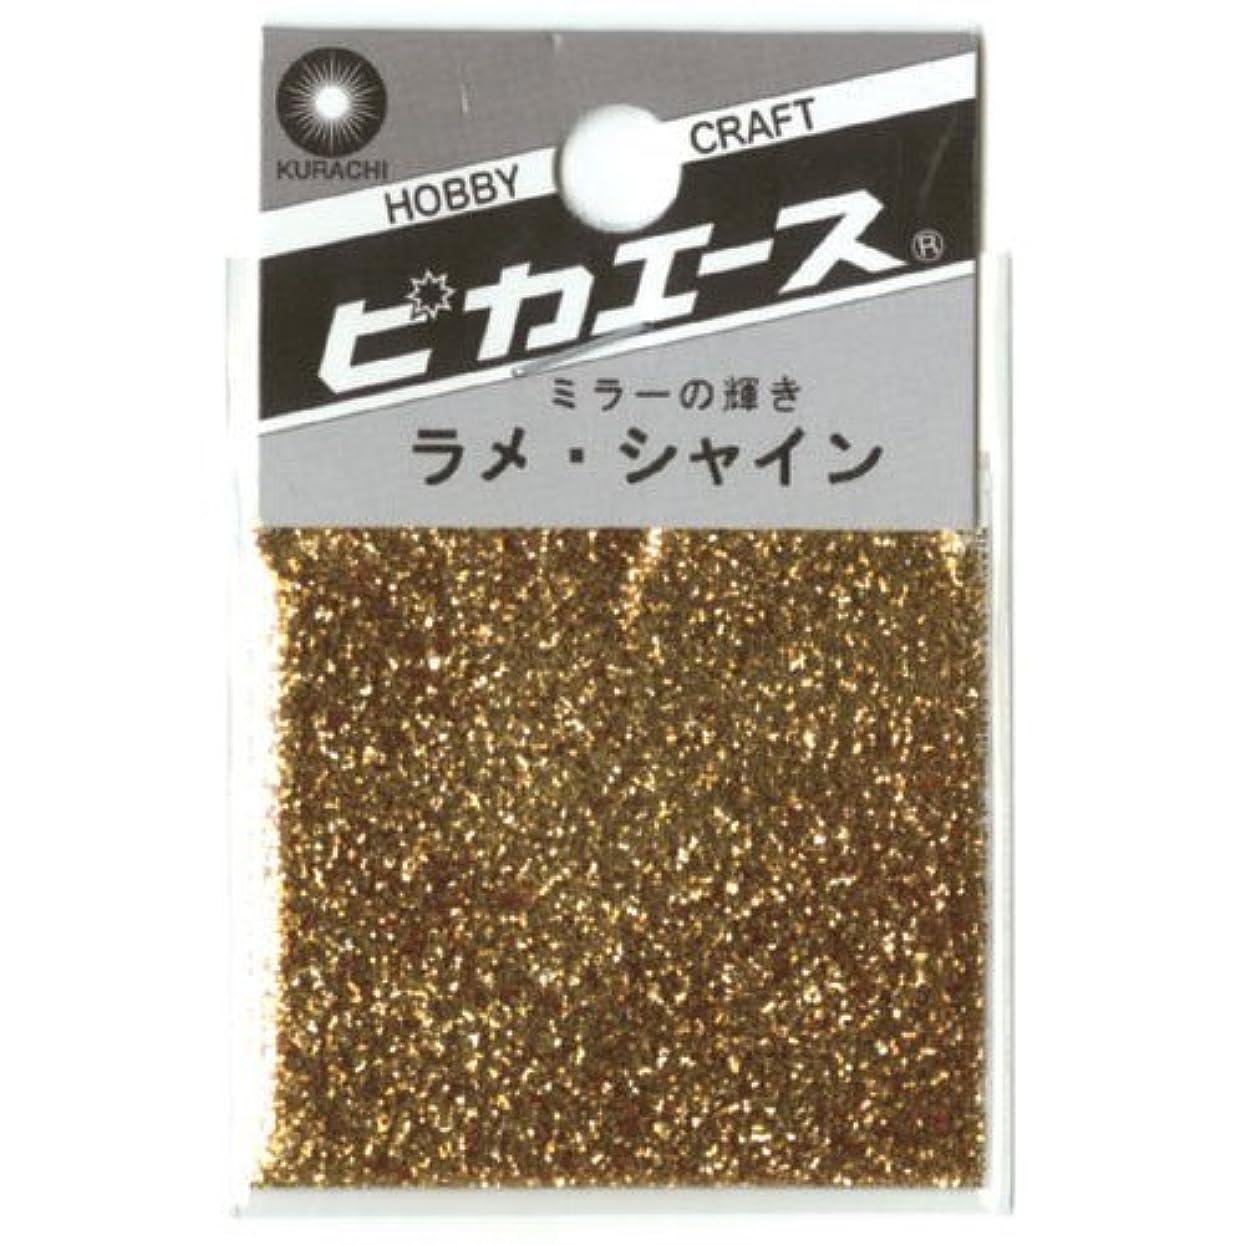 ピカエース ネイルアート ラメシャイン M #484 ゴールド 0.7g